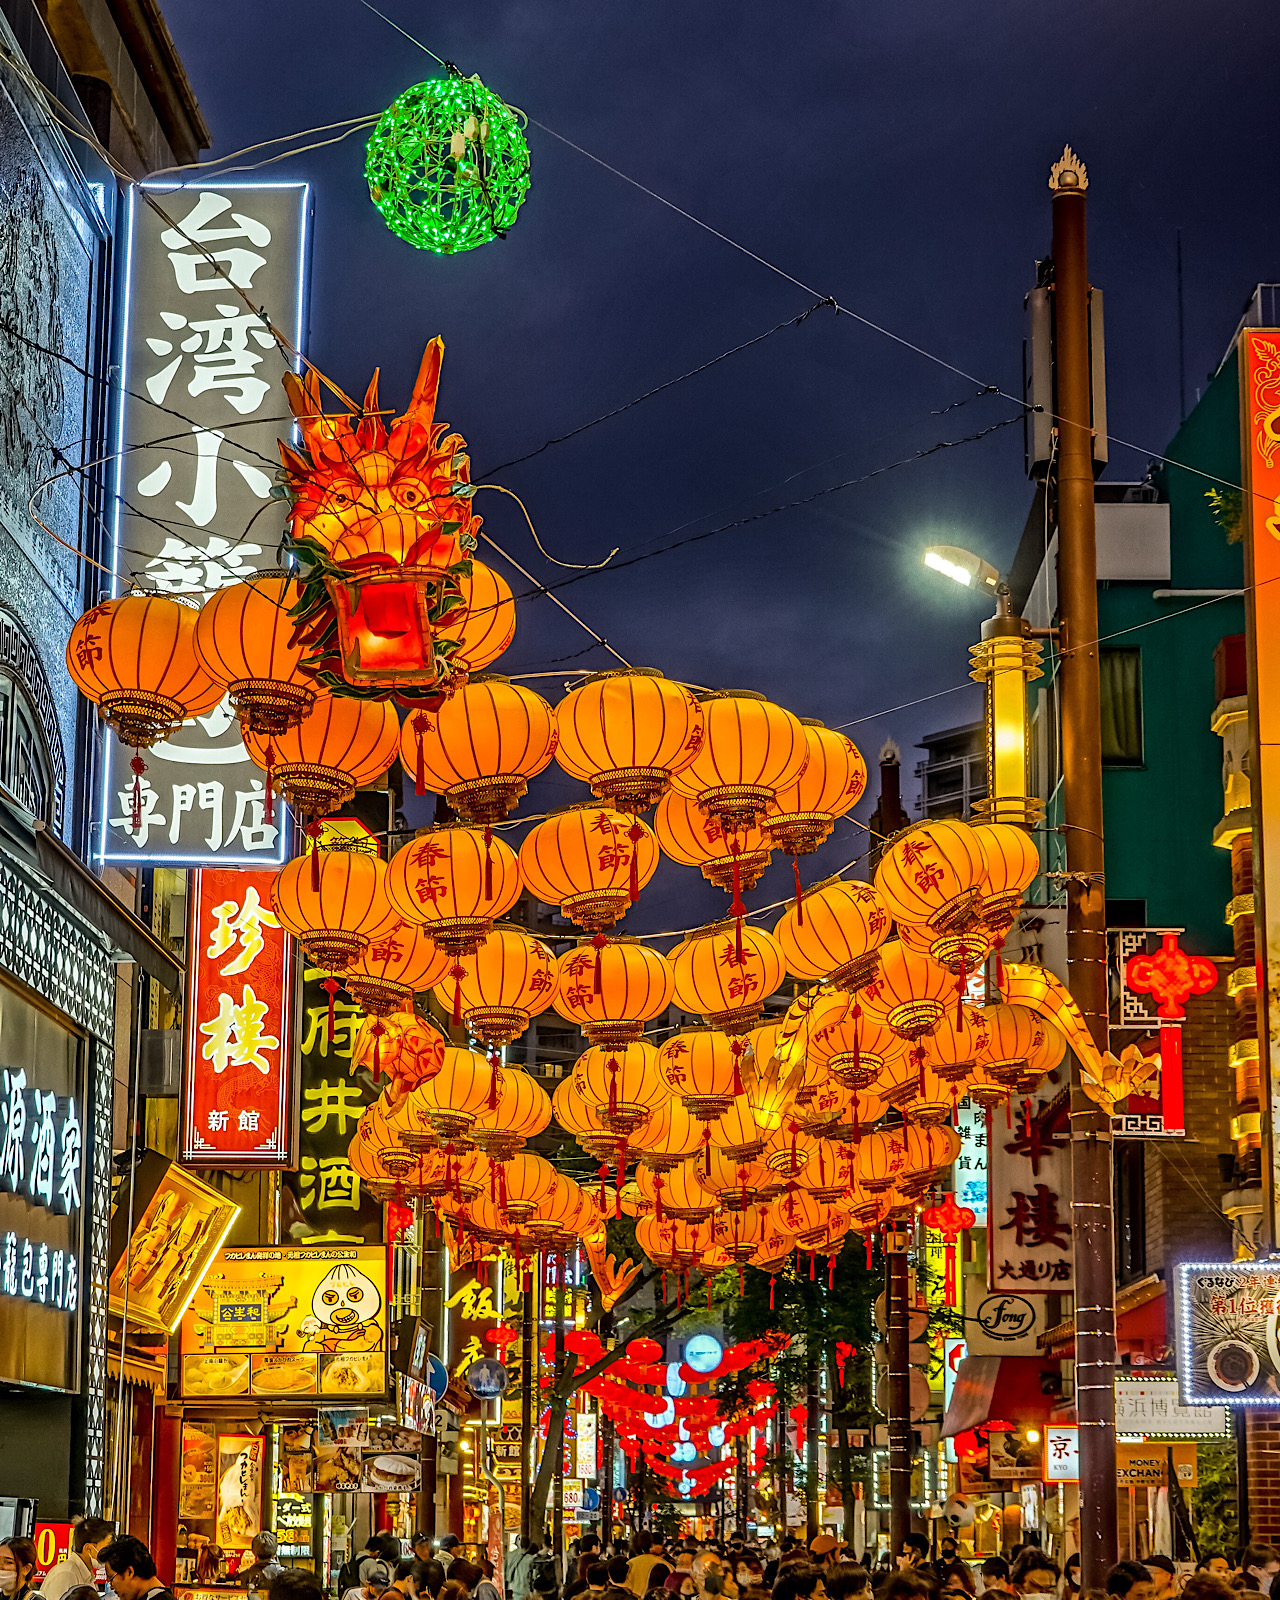 街 春節 中華 横浜 中華街のお正月 2021春節